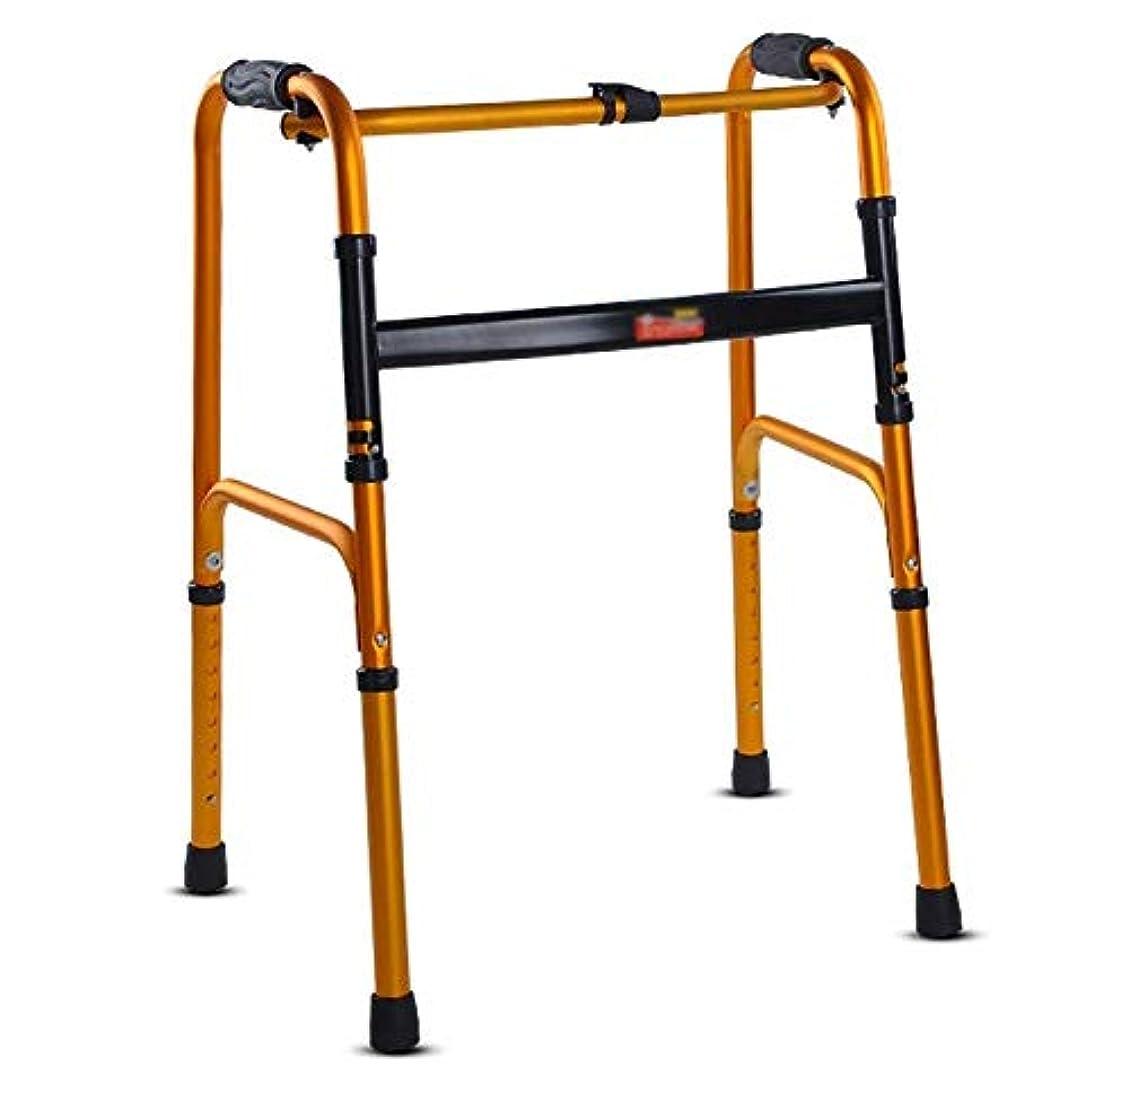 ラッチ潜在的な平方アルミ合金の折る古い歩行者、調節可能な高さの4本足の杖屋外の浴室の使用 (Color : Bronze)